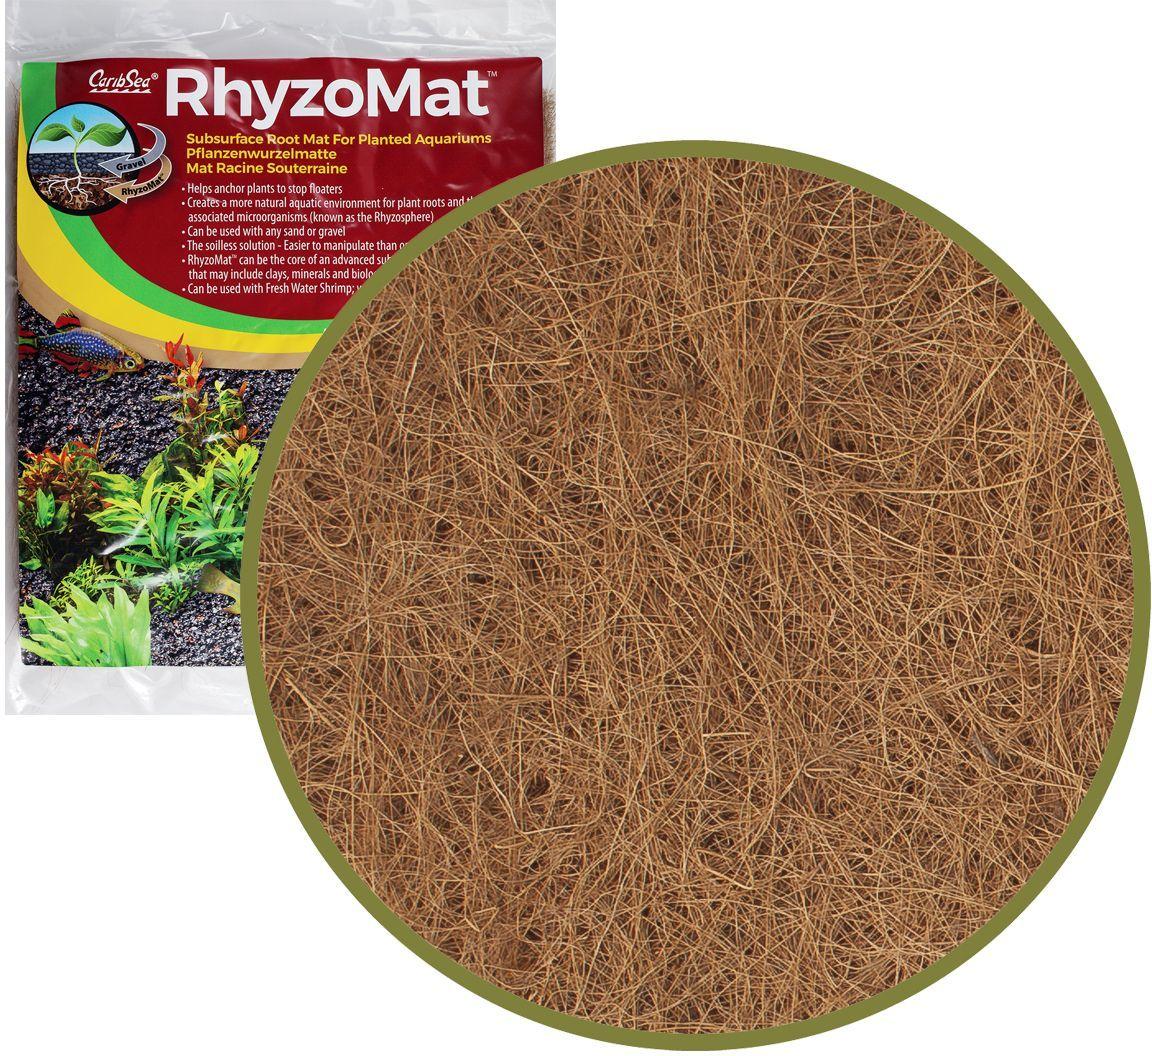 Мат подгрунтовый корневой Caribsea , 30 x 60 см00787Натуральный волокнистый мат помогает растениям закрепить корни и создать естественную водную среду для корней и связанных с ними микроорганизмов. Может использоваться с любым песком или гравием. Не повышает pH. Может быть разрезан или разорван на нужные размеры.